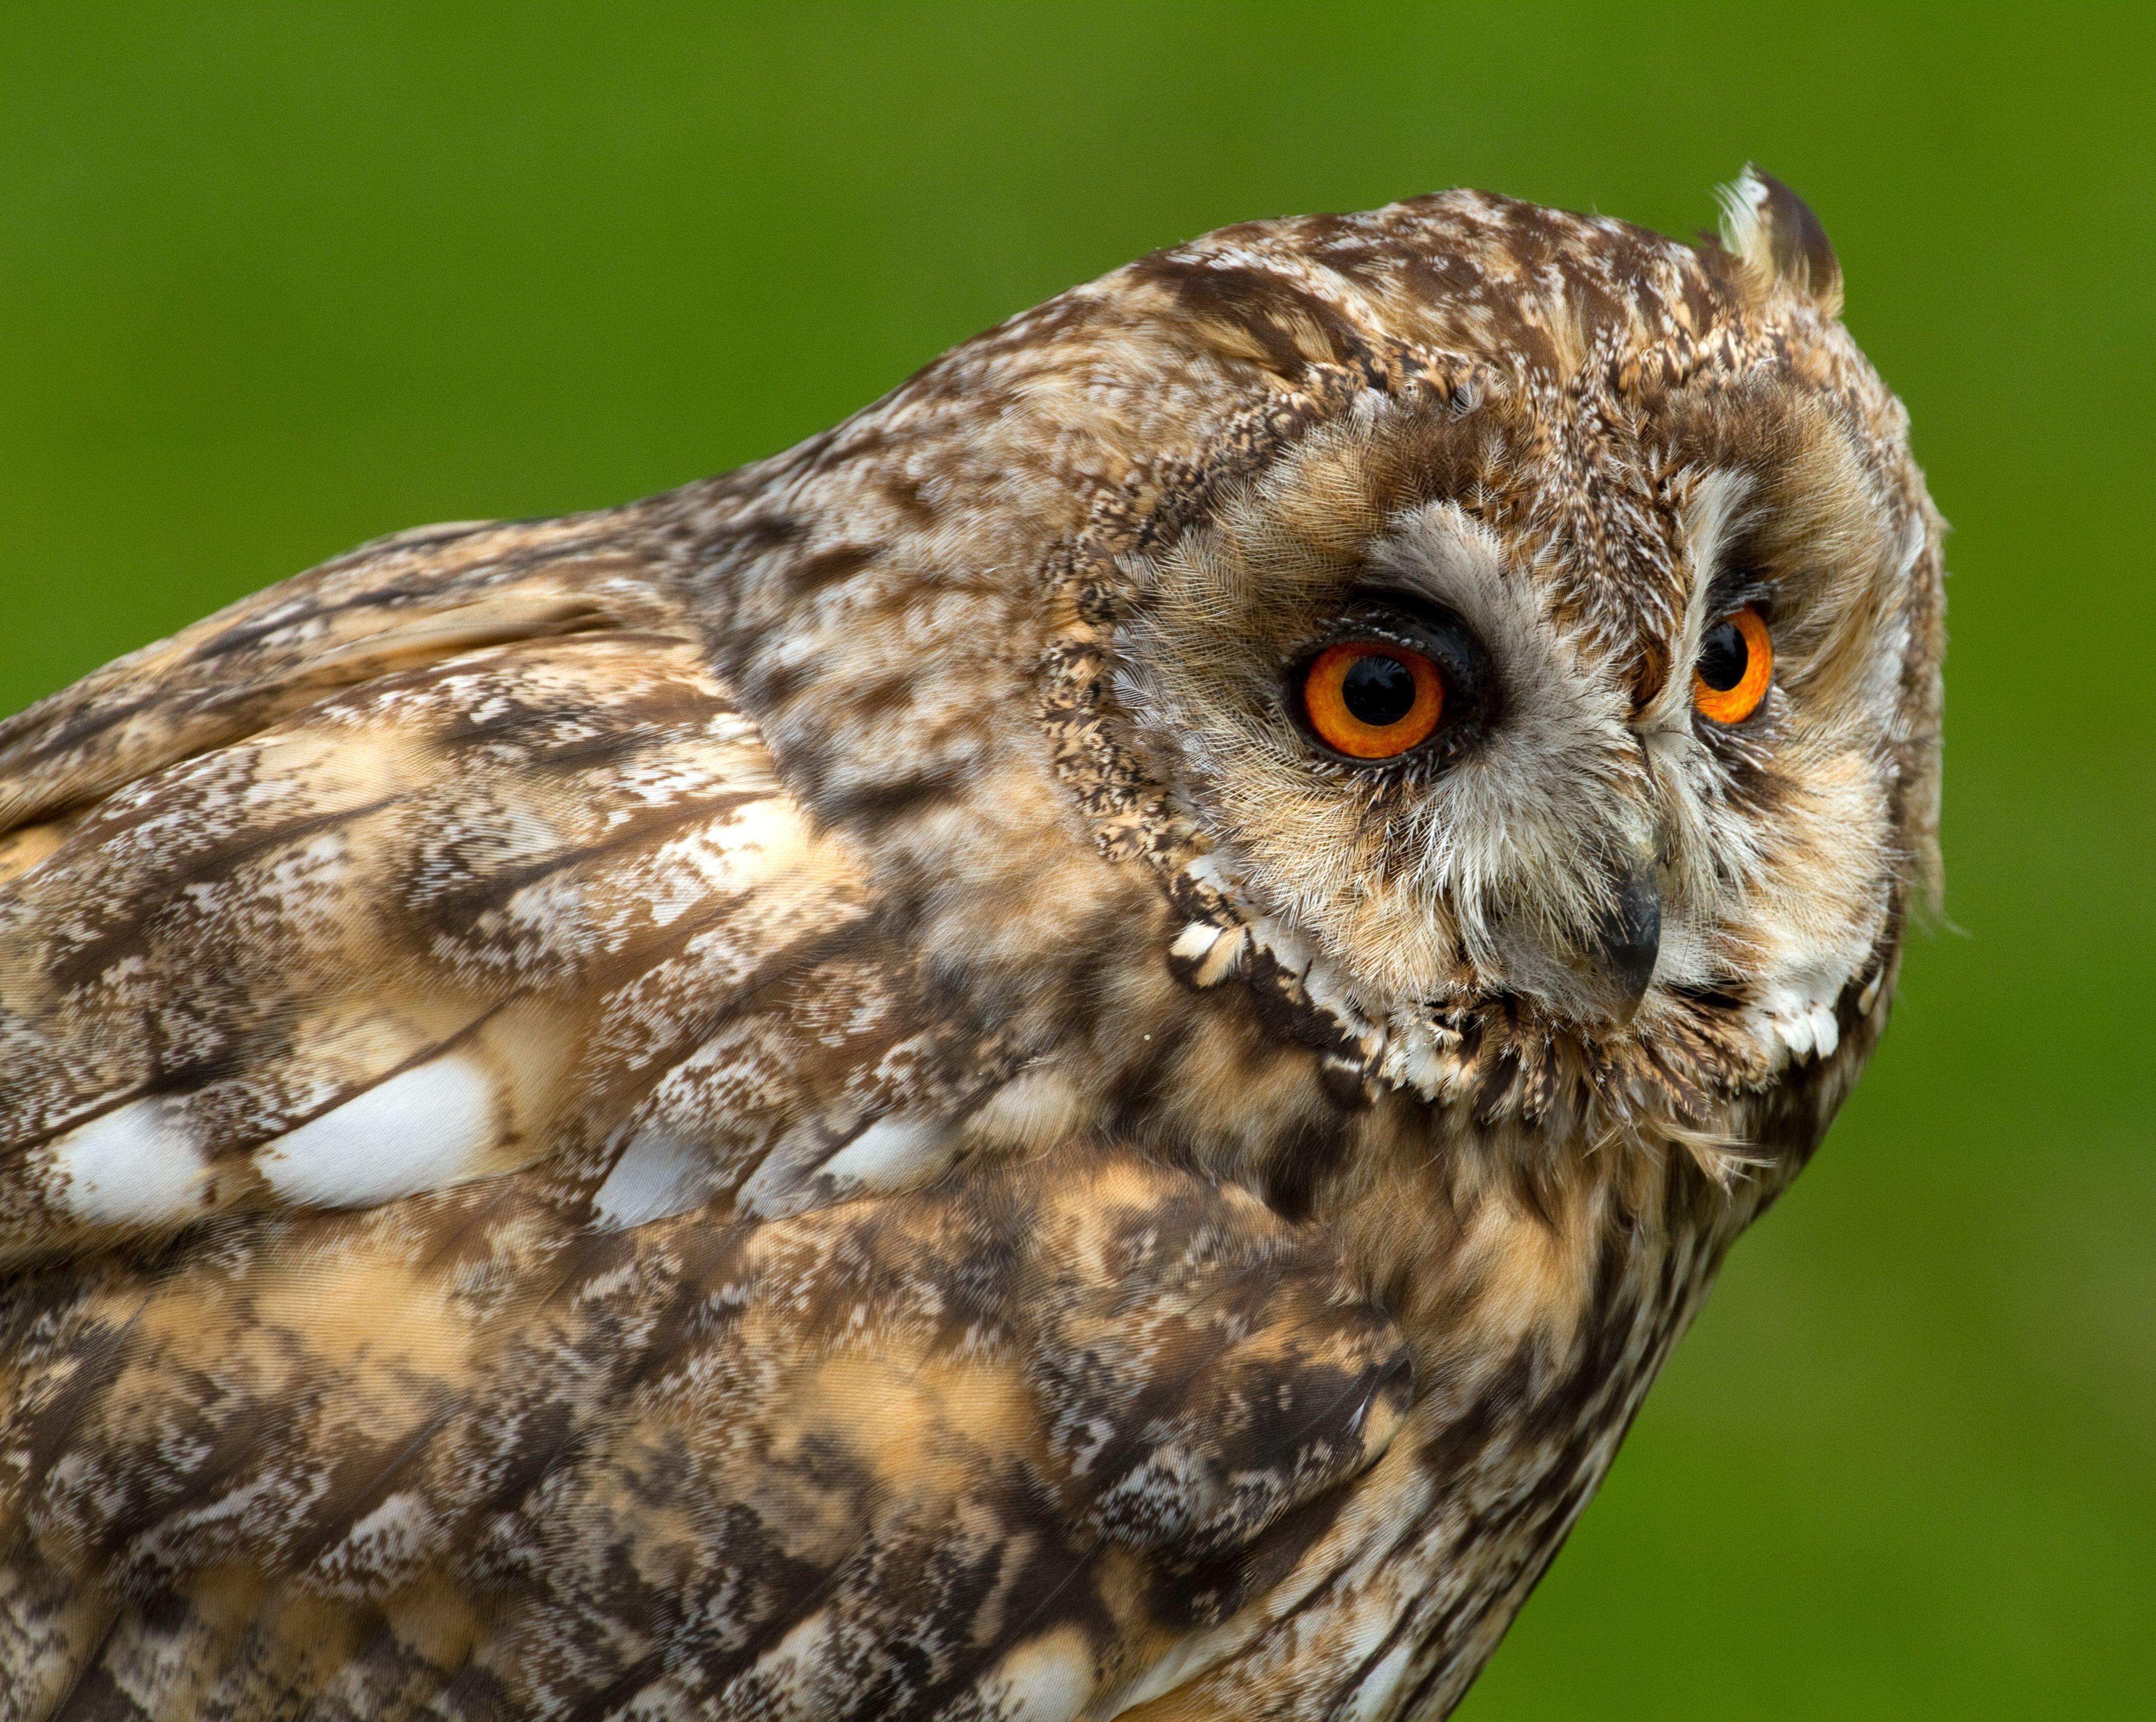 Long Eared Owl Hd